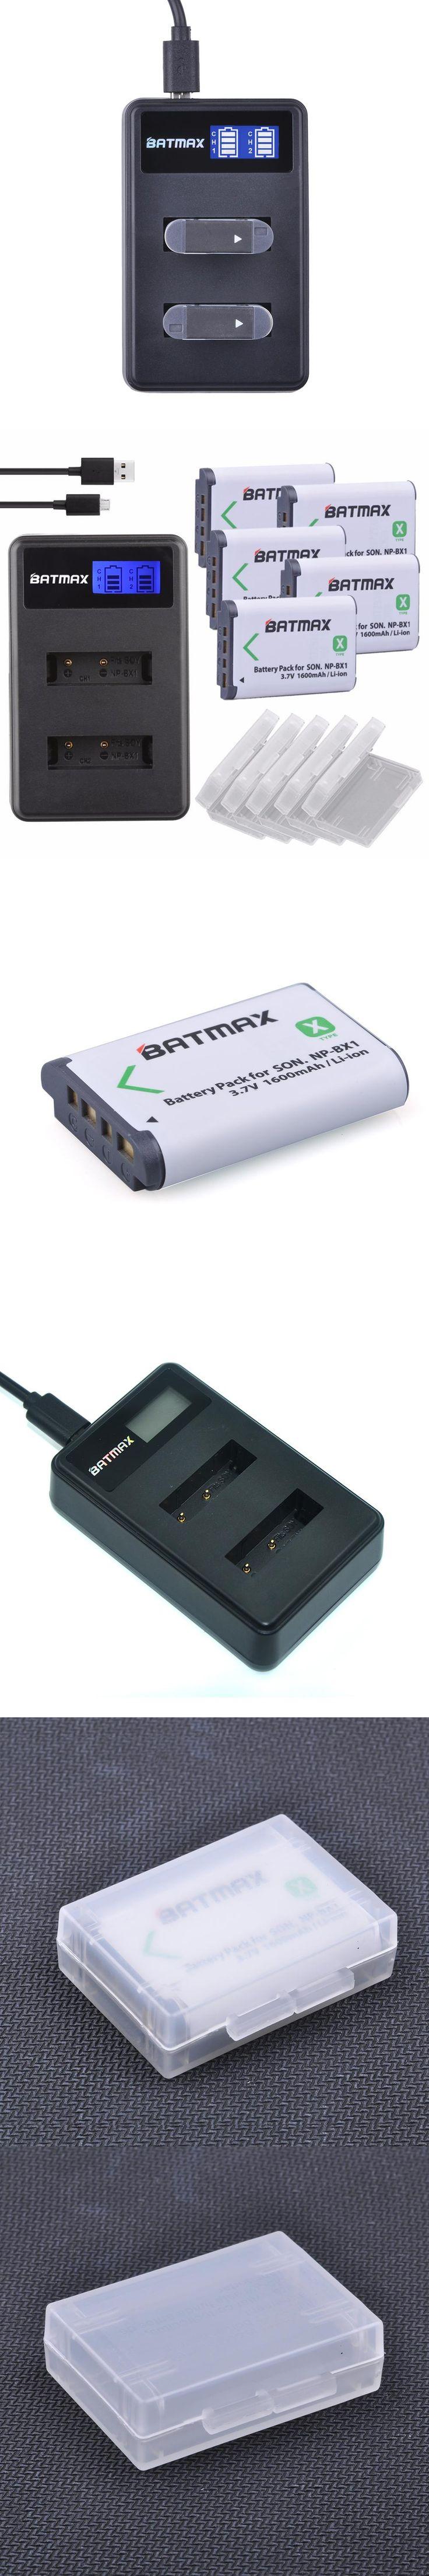 5x NPBX1 bateria NP-BX1 np bx1 Batteries+ LCD Charger for Sony DSC RX1 RX100 AS100V M3 M2 HX300 HX400 HX50 HX60 GWP88 AS15 WX350